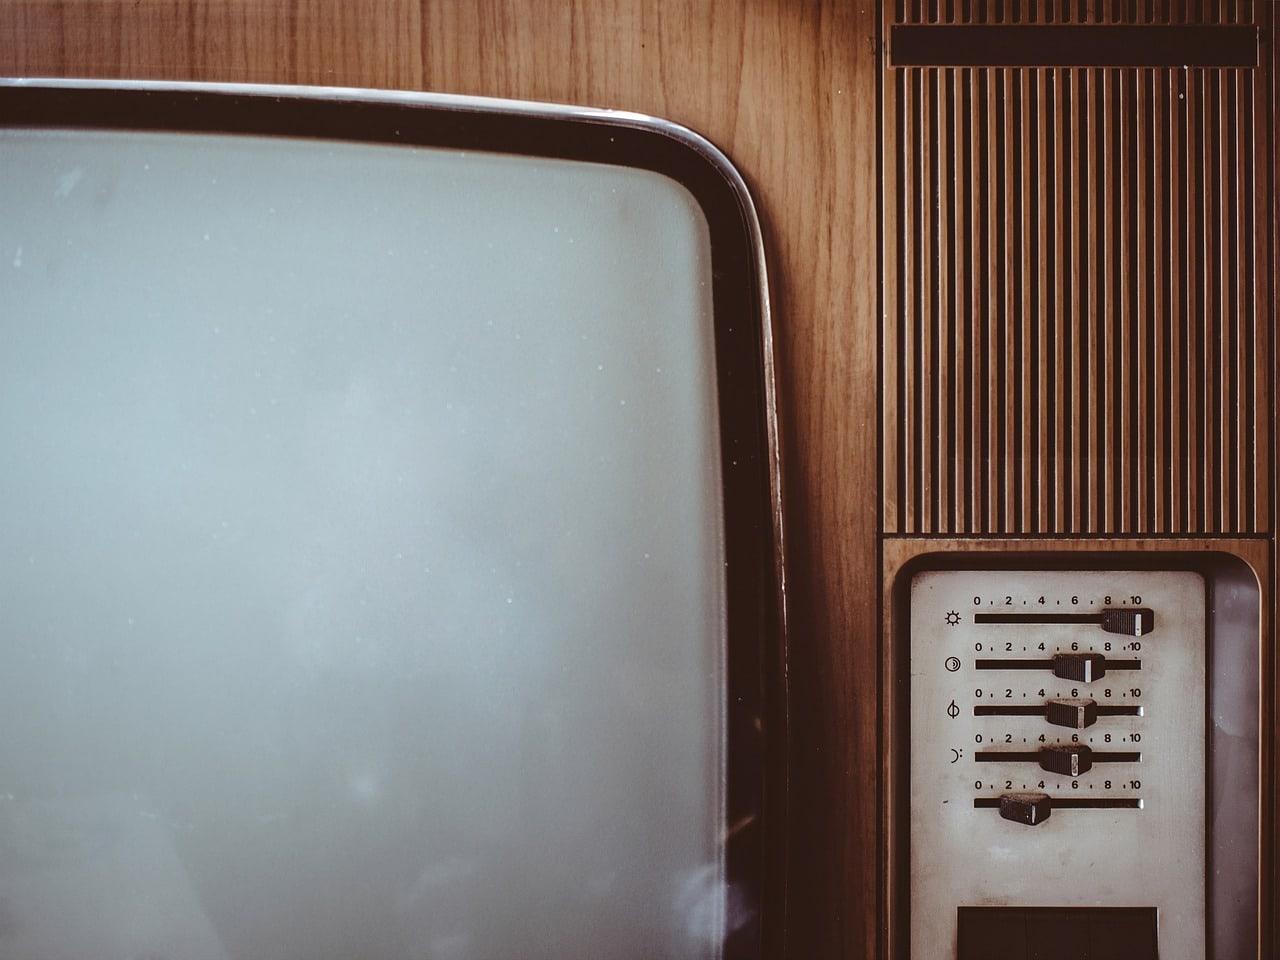 Šala dneva: Lažnivi televizor